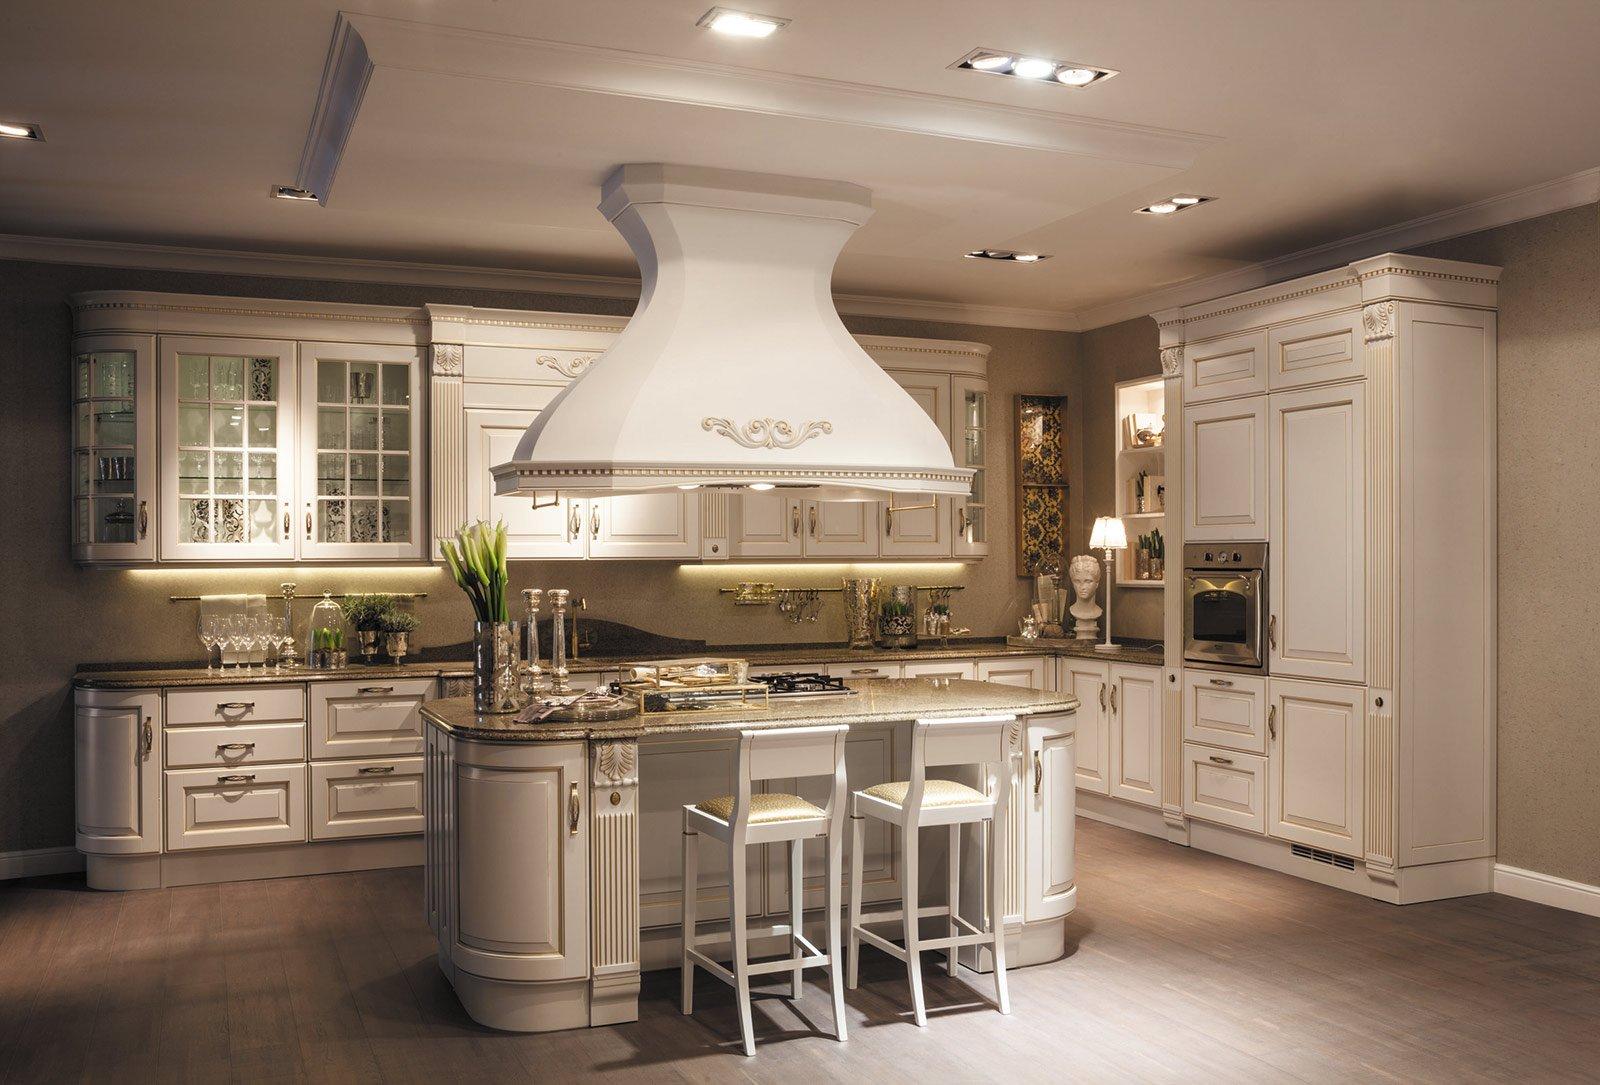 Cucine in stile cose di casa for Cucine moderne color ciliegio